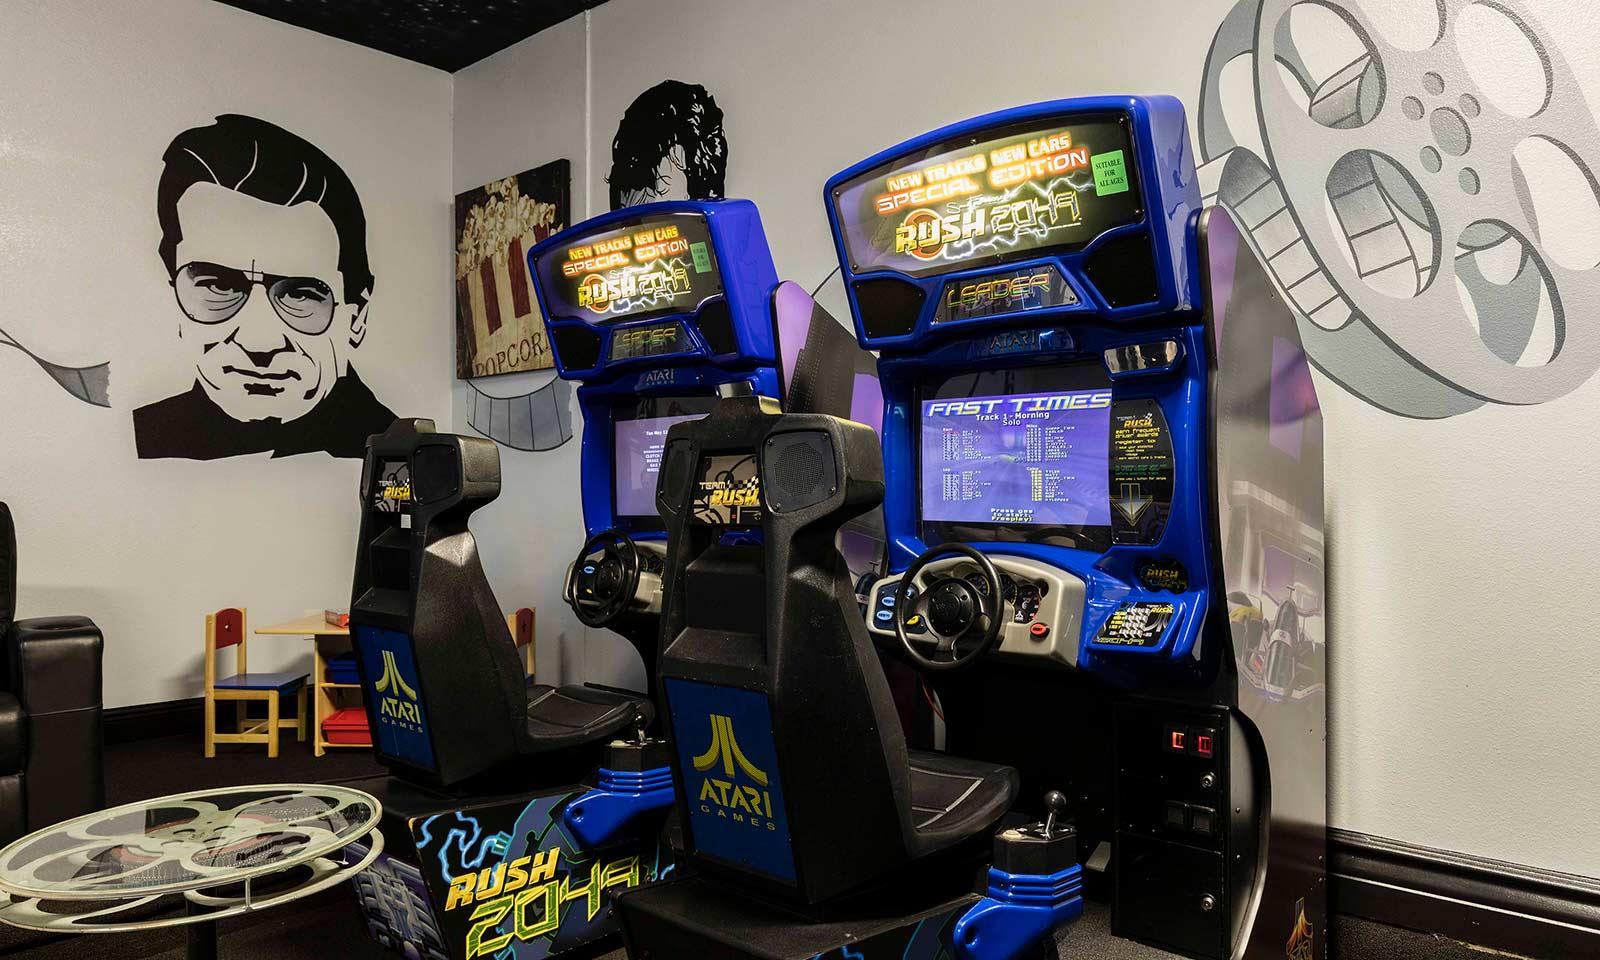 [amenities:Arcade:1] Arcade